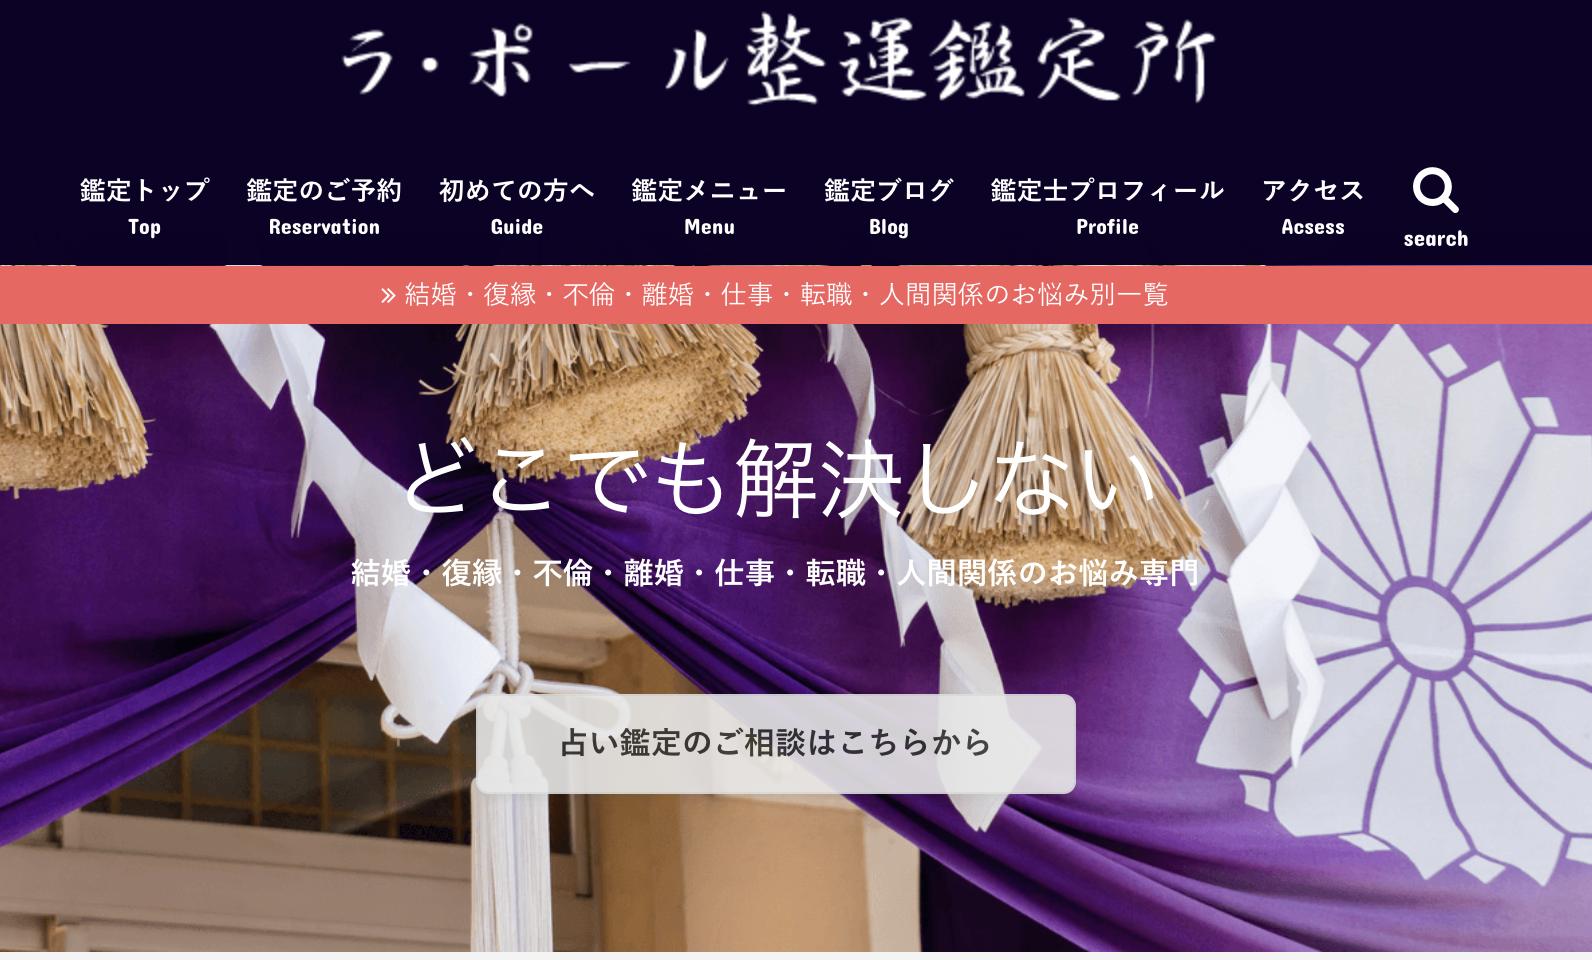 福岡の占いラポールの公式ページ